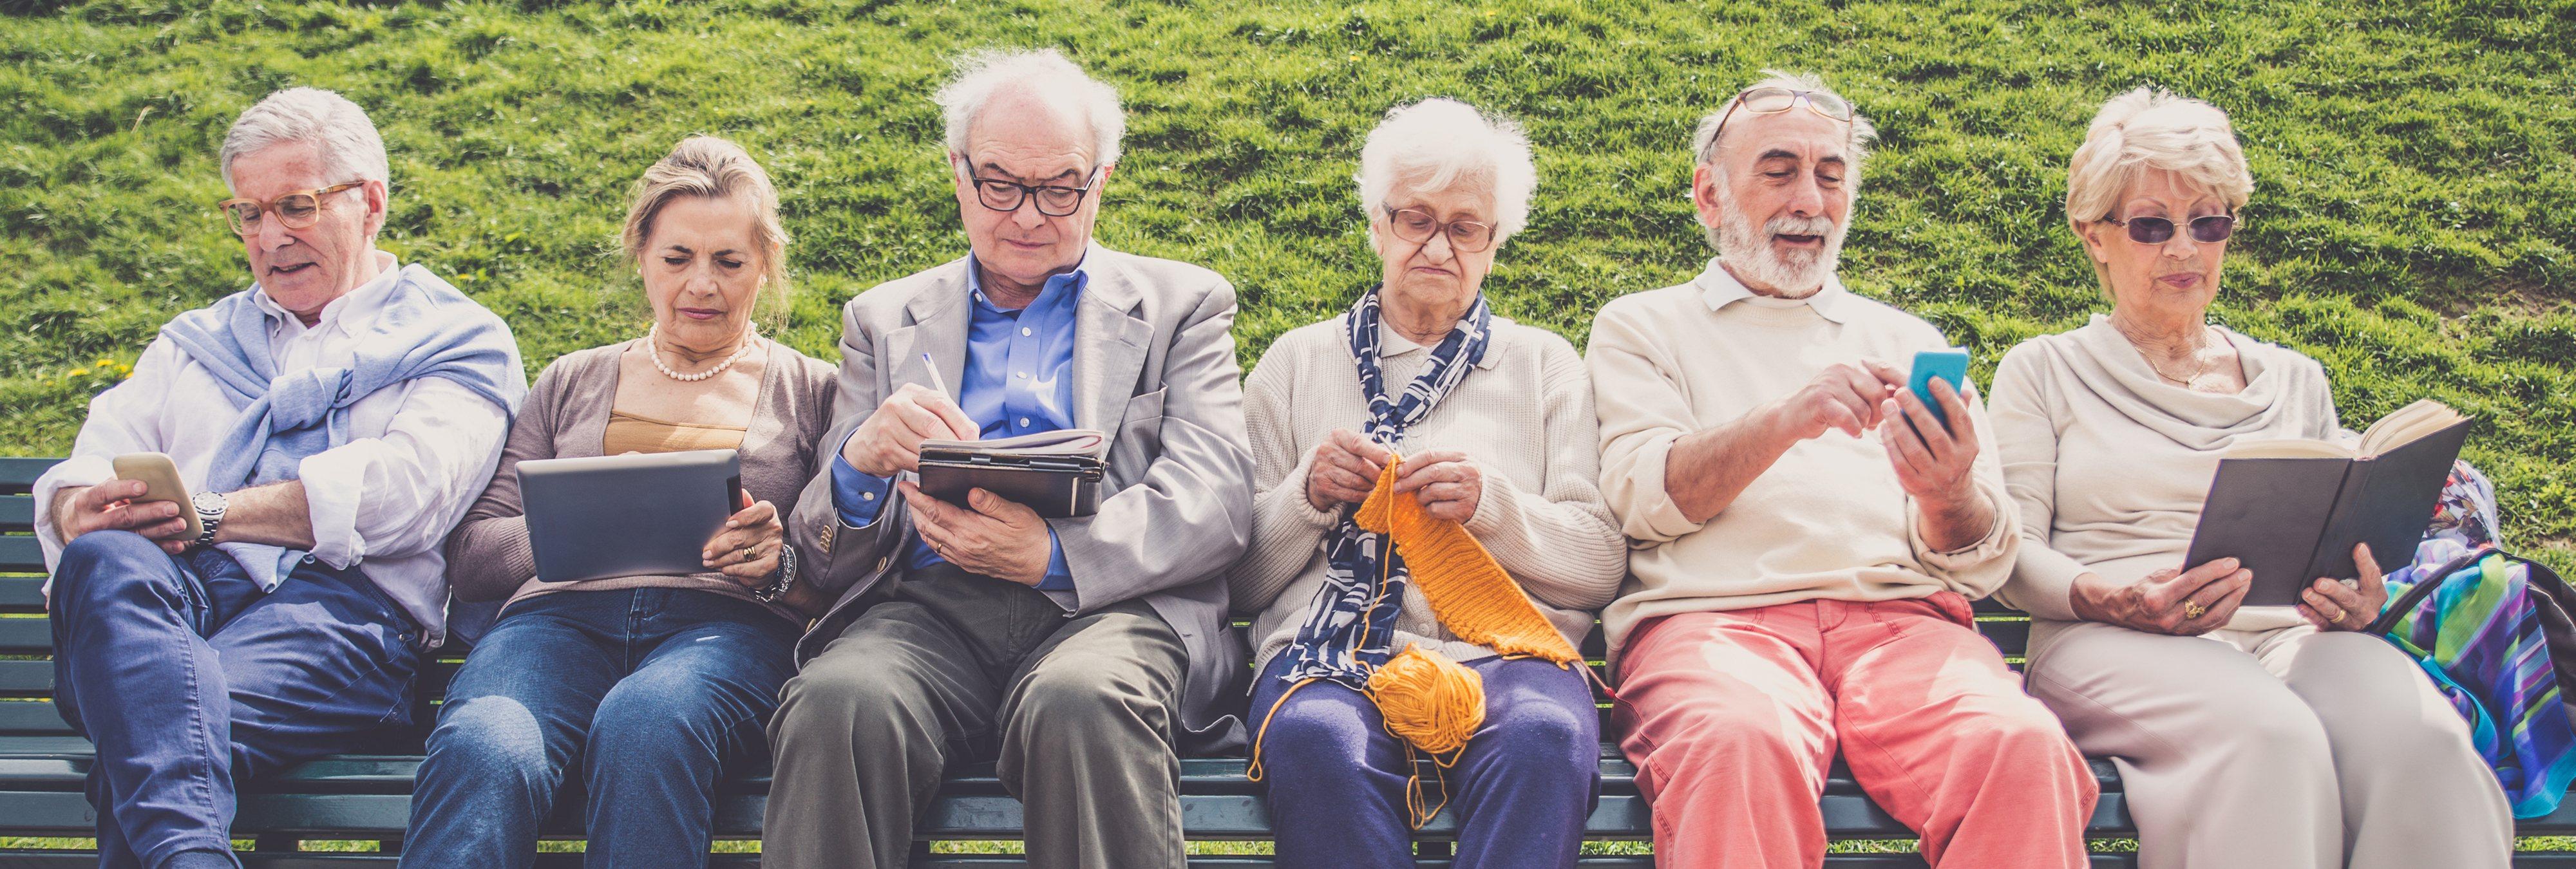 Para unas pensiones dignas no falta dinero, sobra corrupción